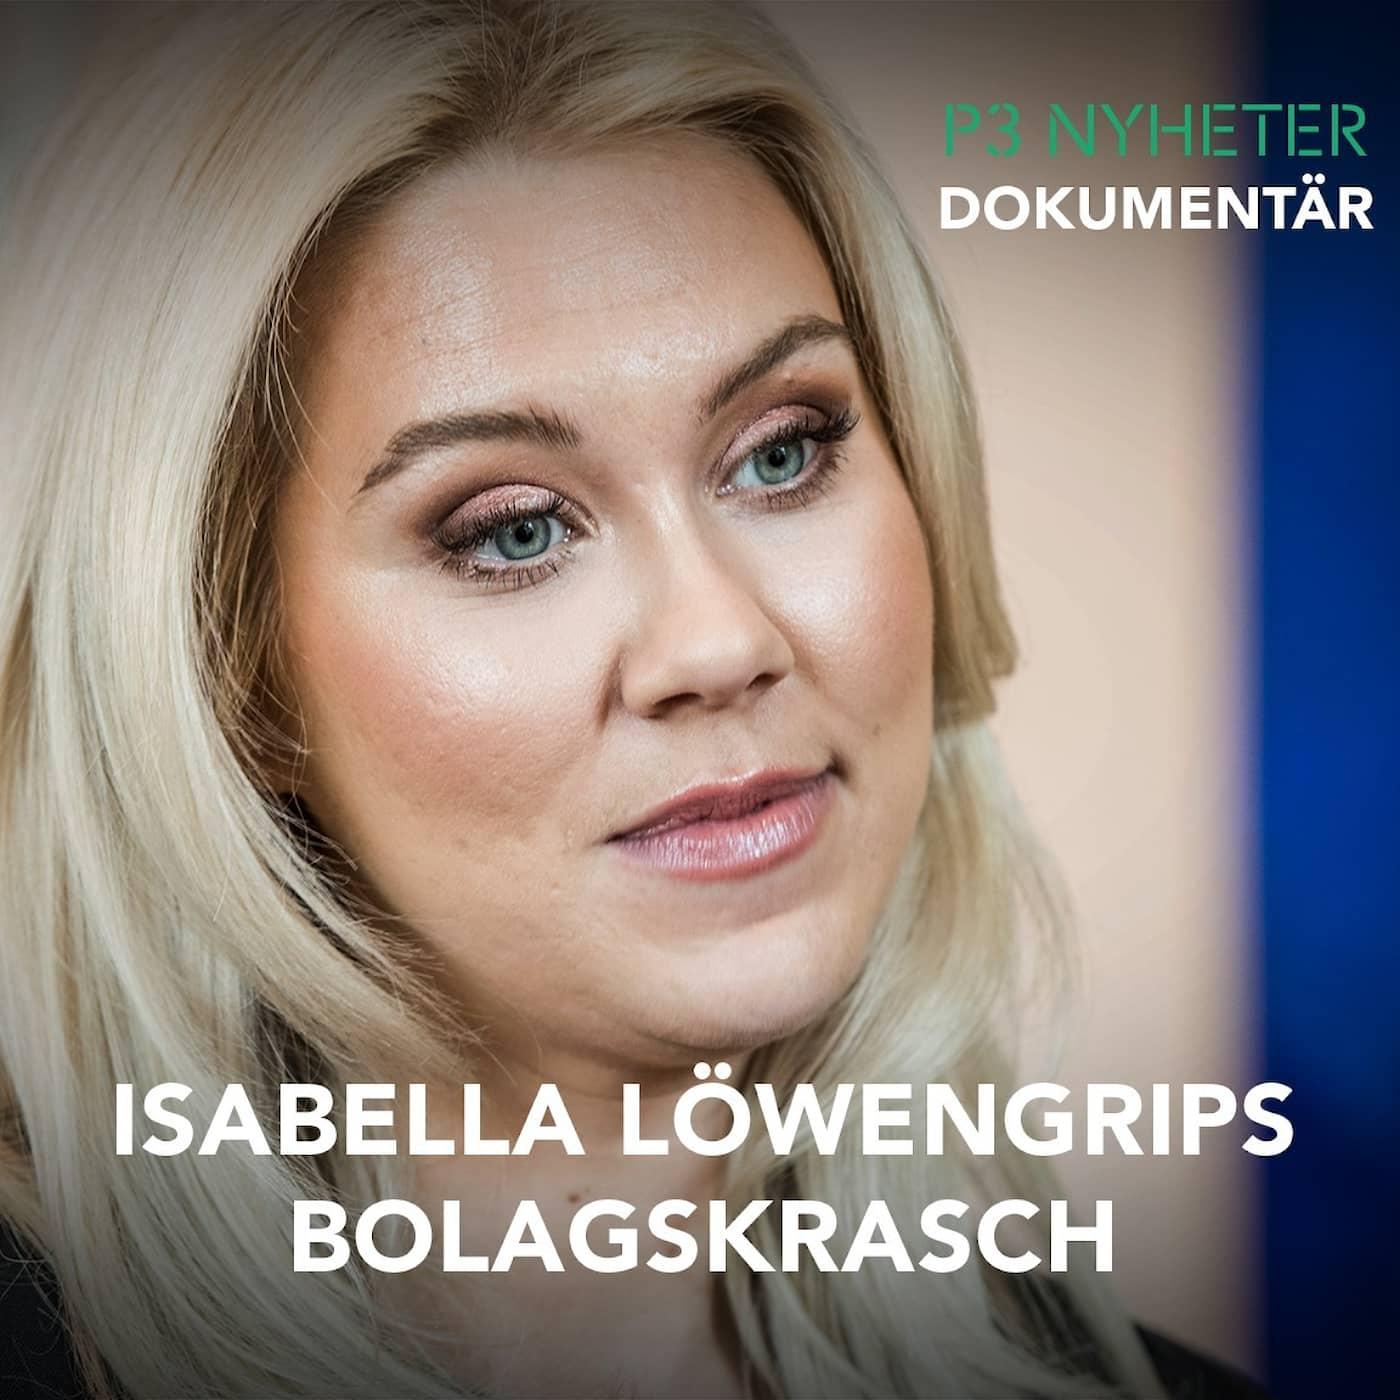 Isabella Löwengrips bolagskrasch - P3 Nyheter Dokumentär